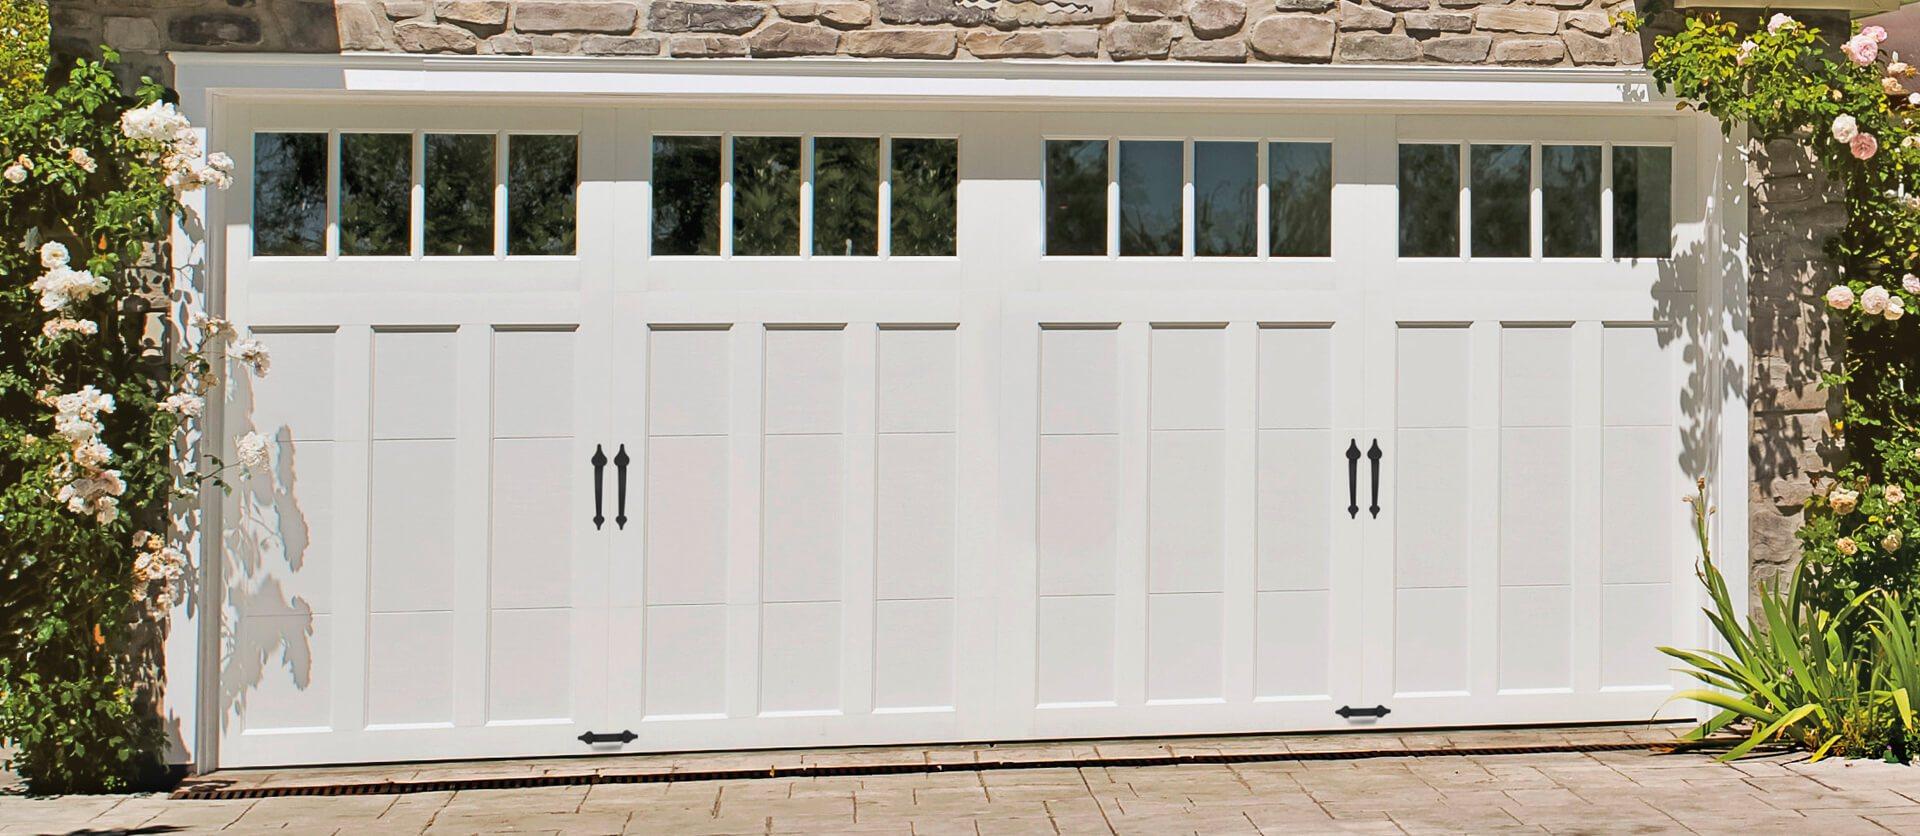 The Garage Door >> Affordable Garage Door Garage Door Installation Lowell